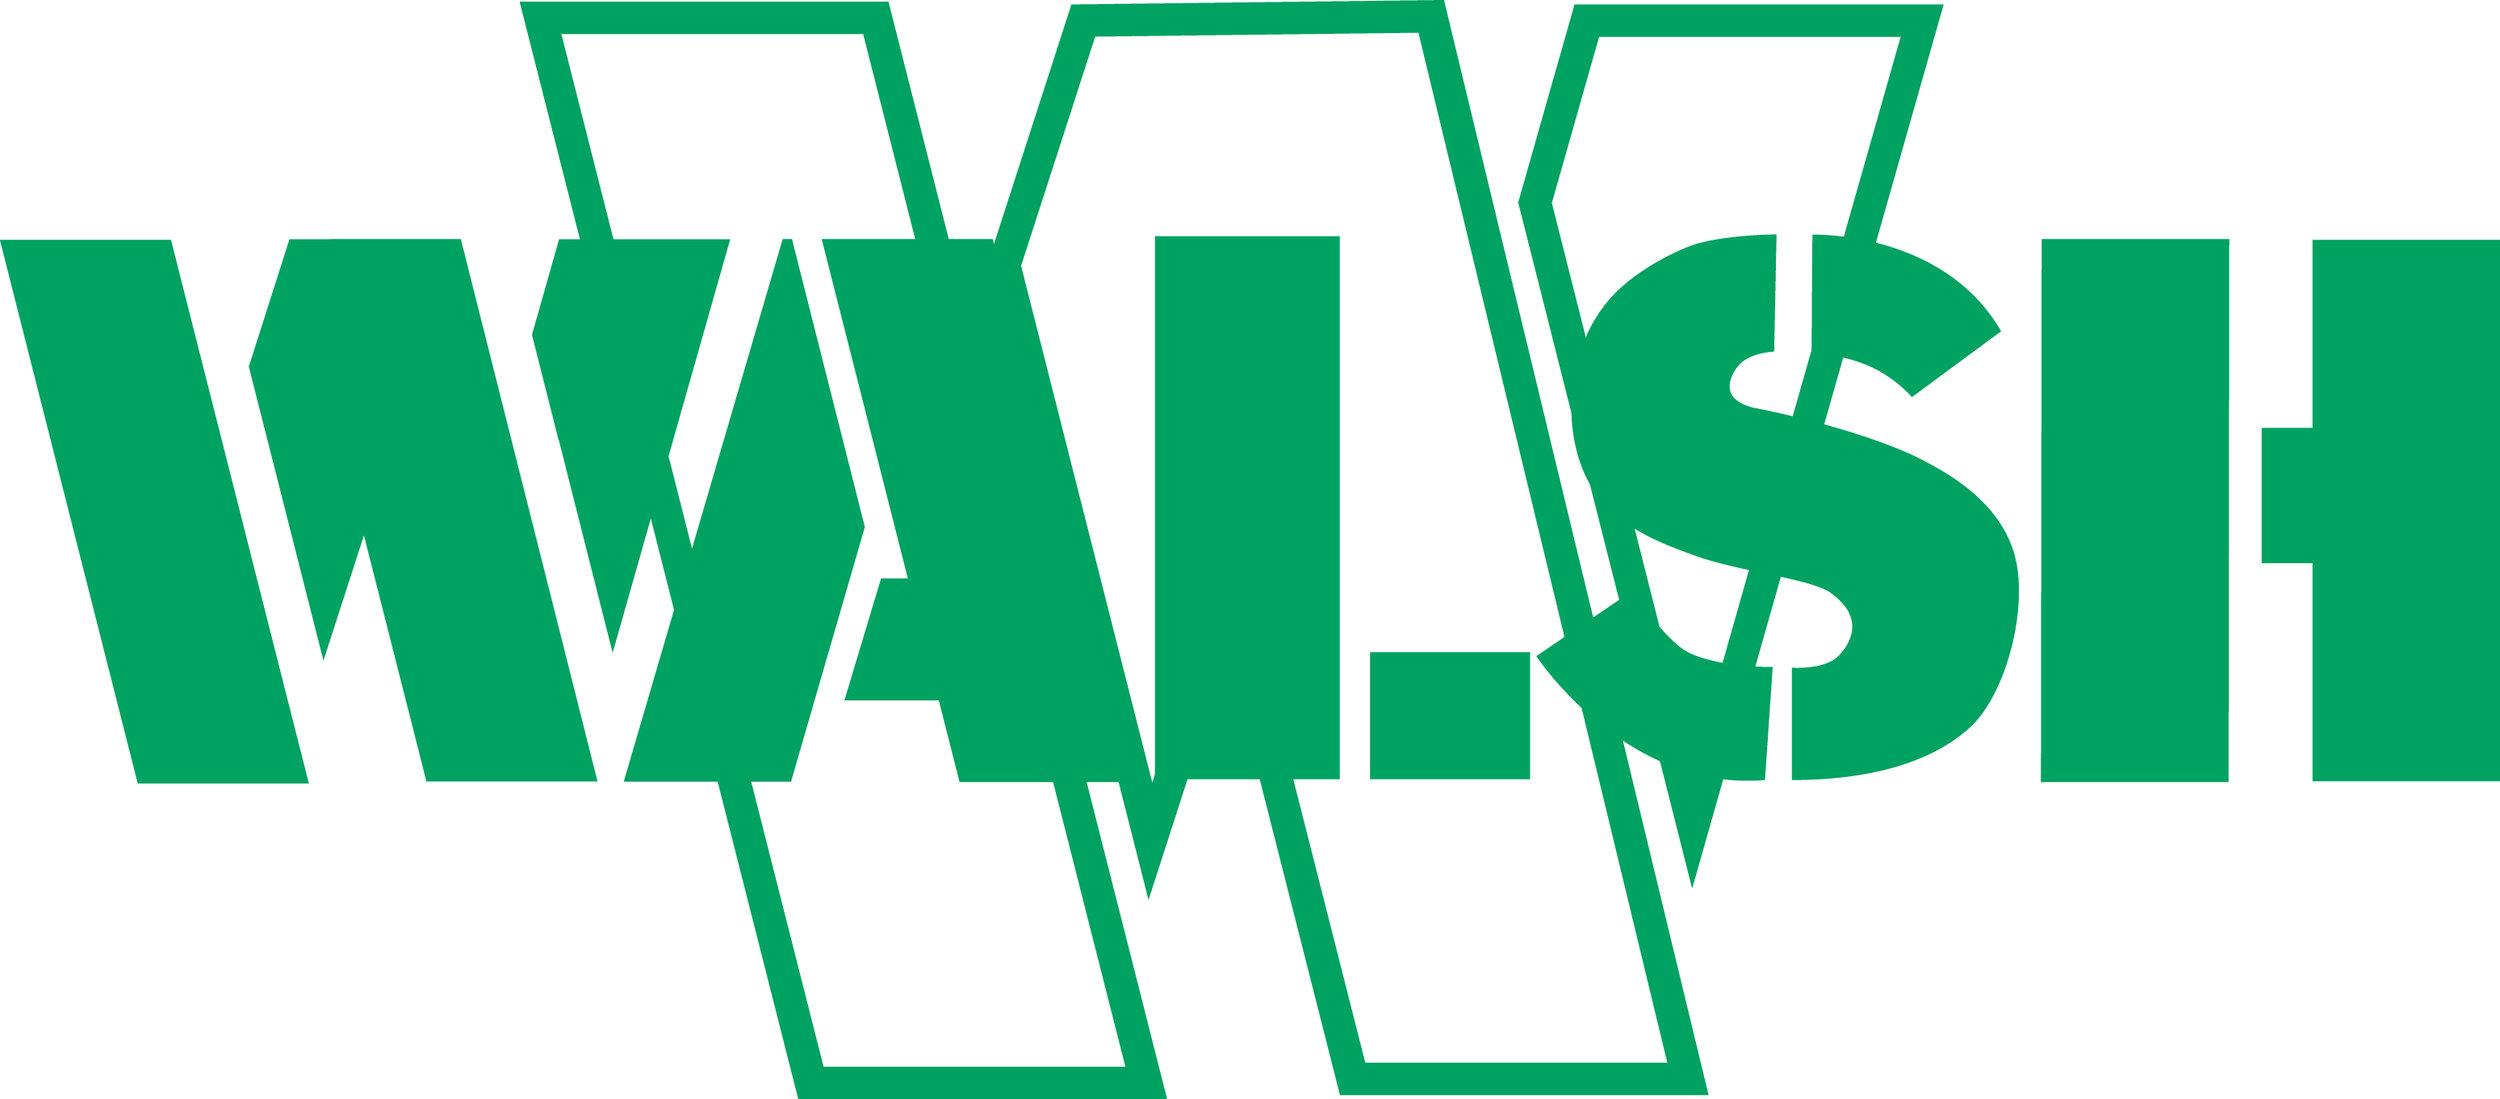 Walsh_Construction_Logo.jpg